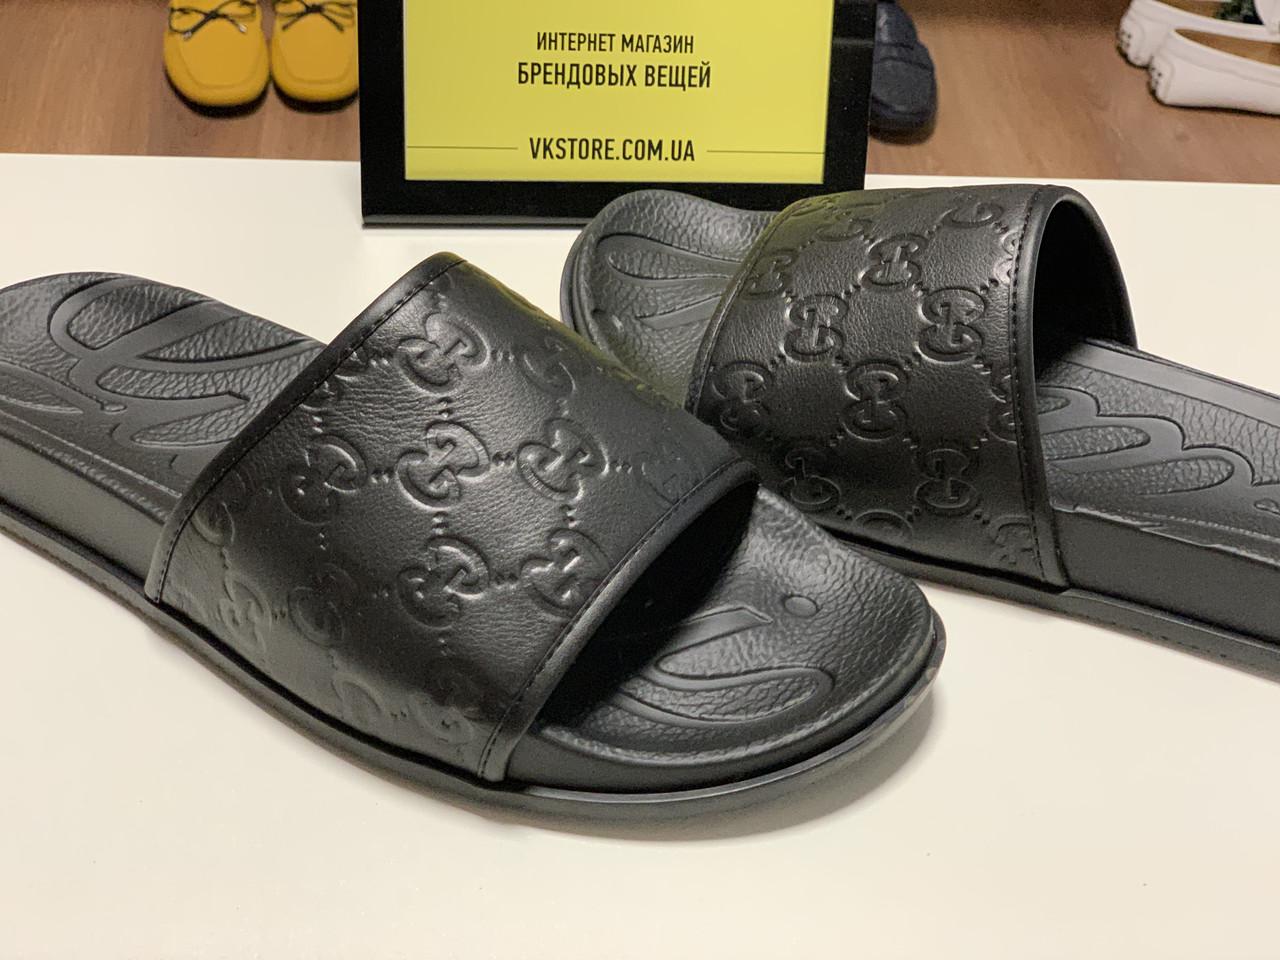 cb8f893dc Черные шлепки Gucci - купить мужскую обувь Украина   vkstore.com.ua